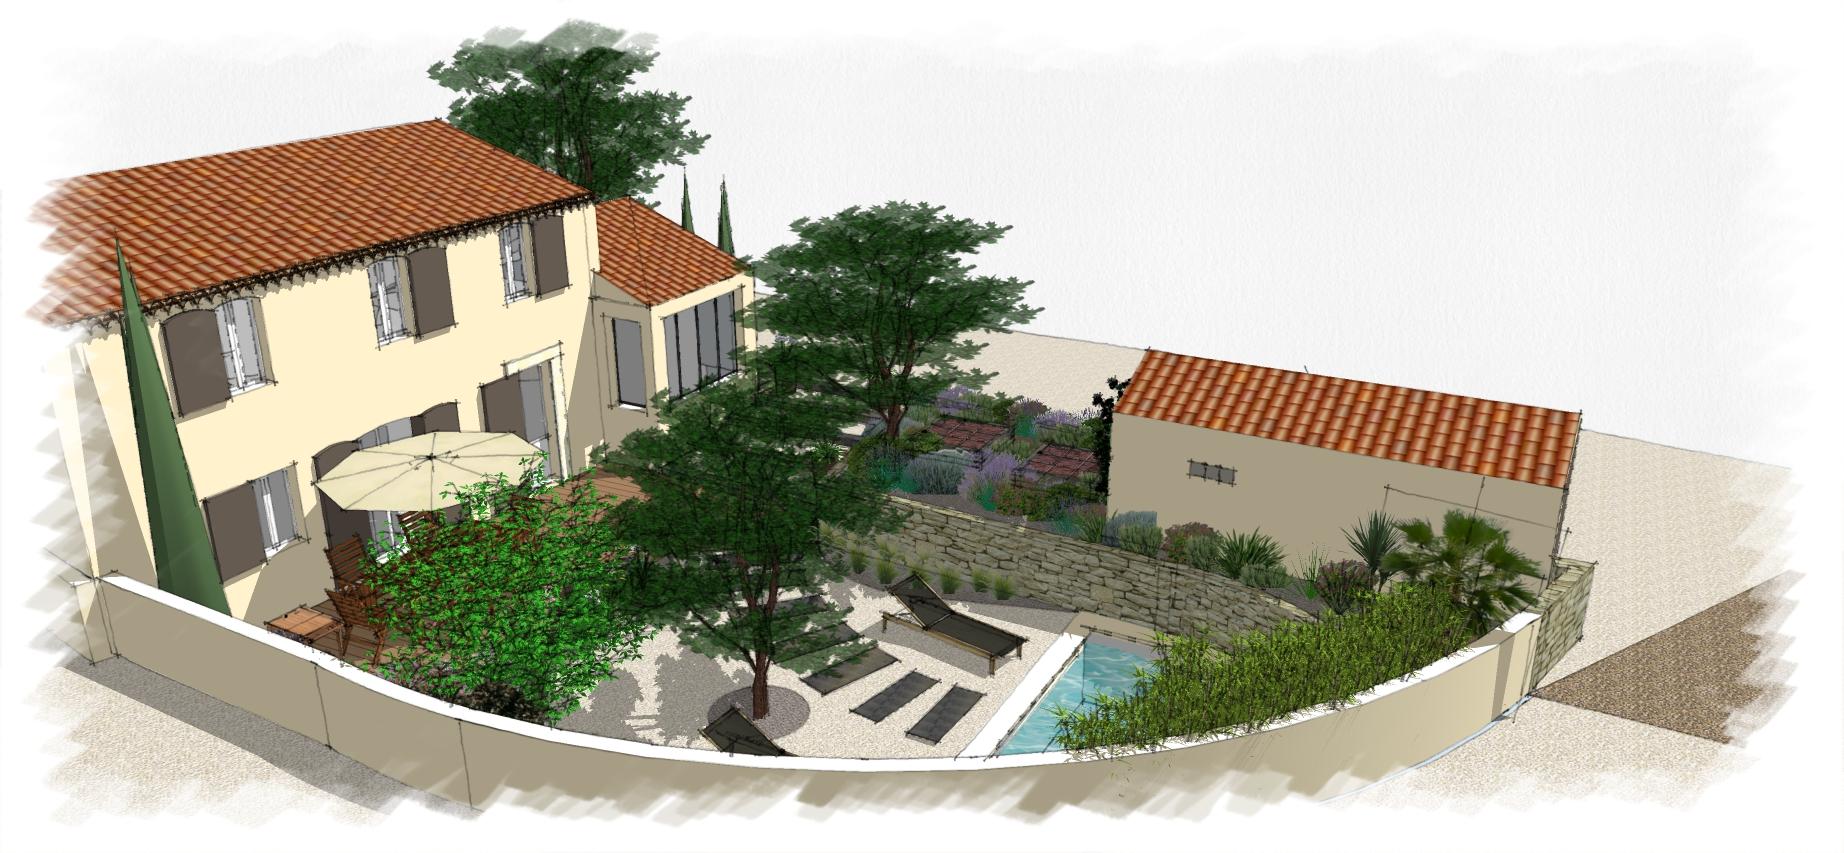 Actualit architectes paysagistes valea concept for Entretien jardin marseille